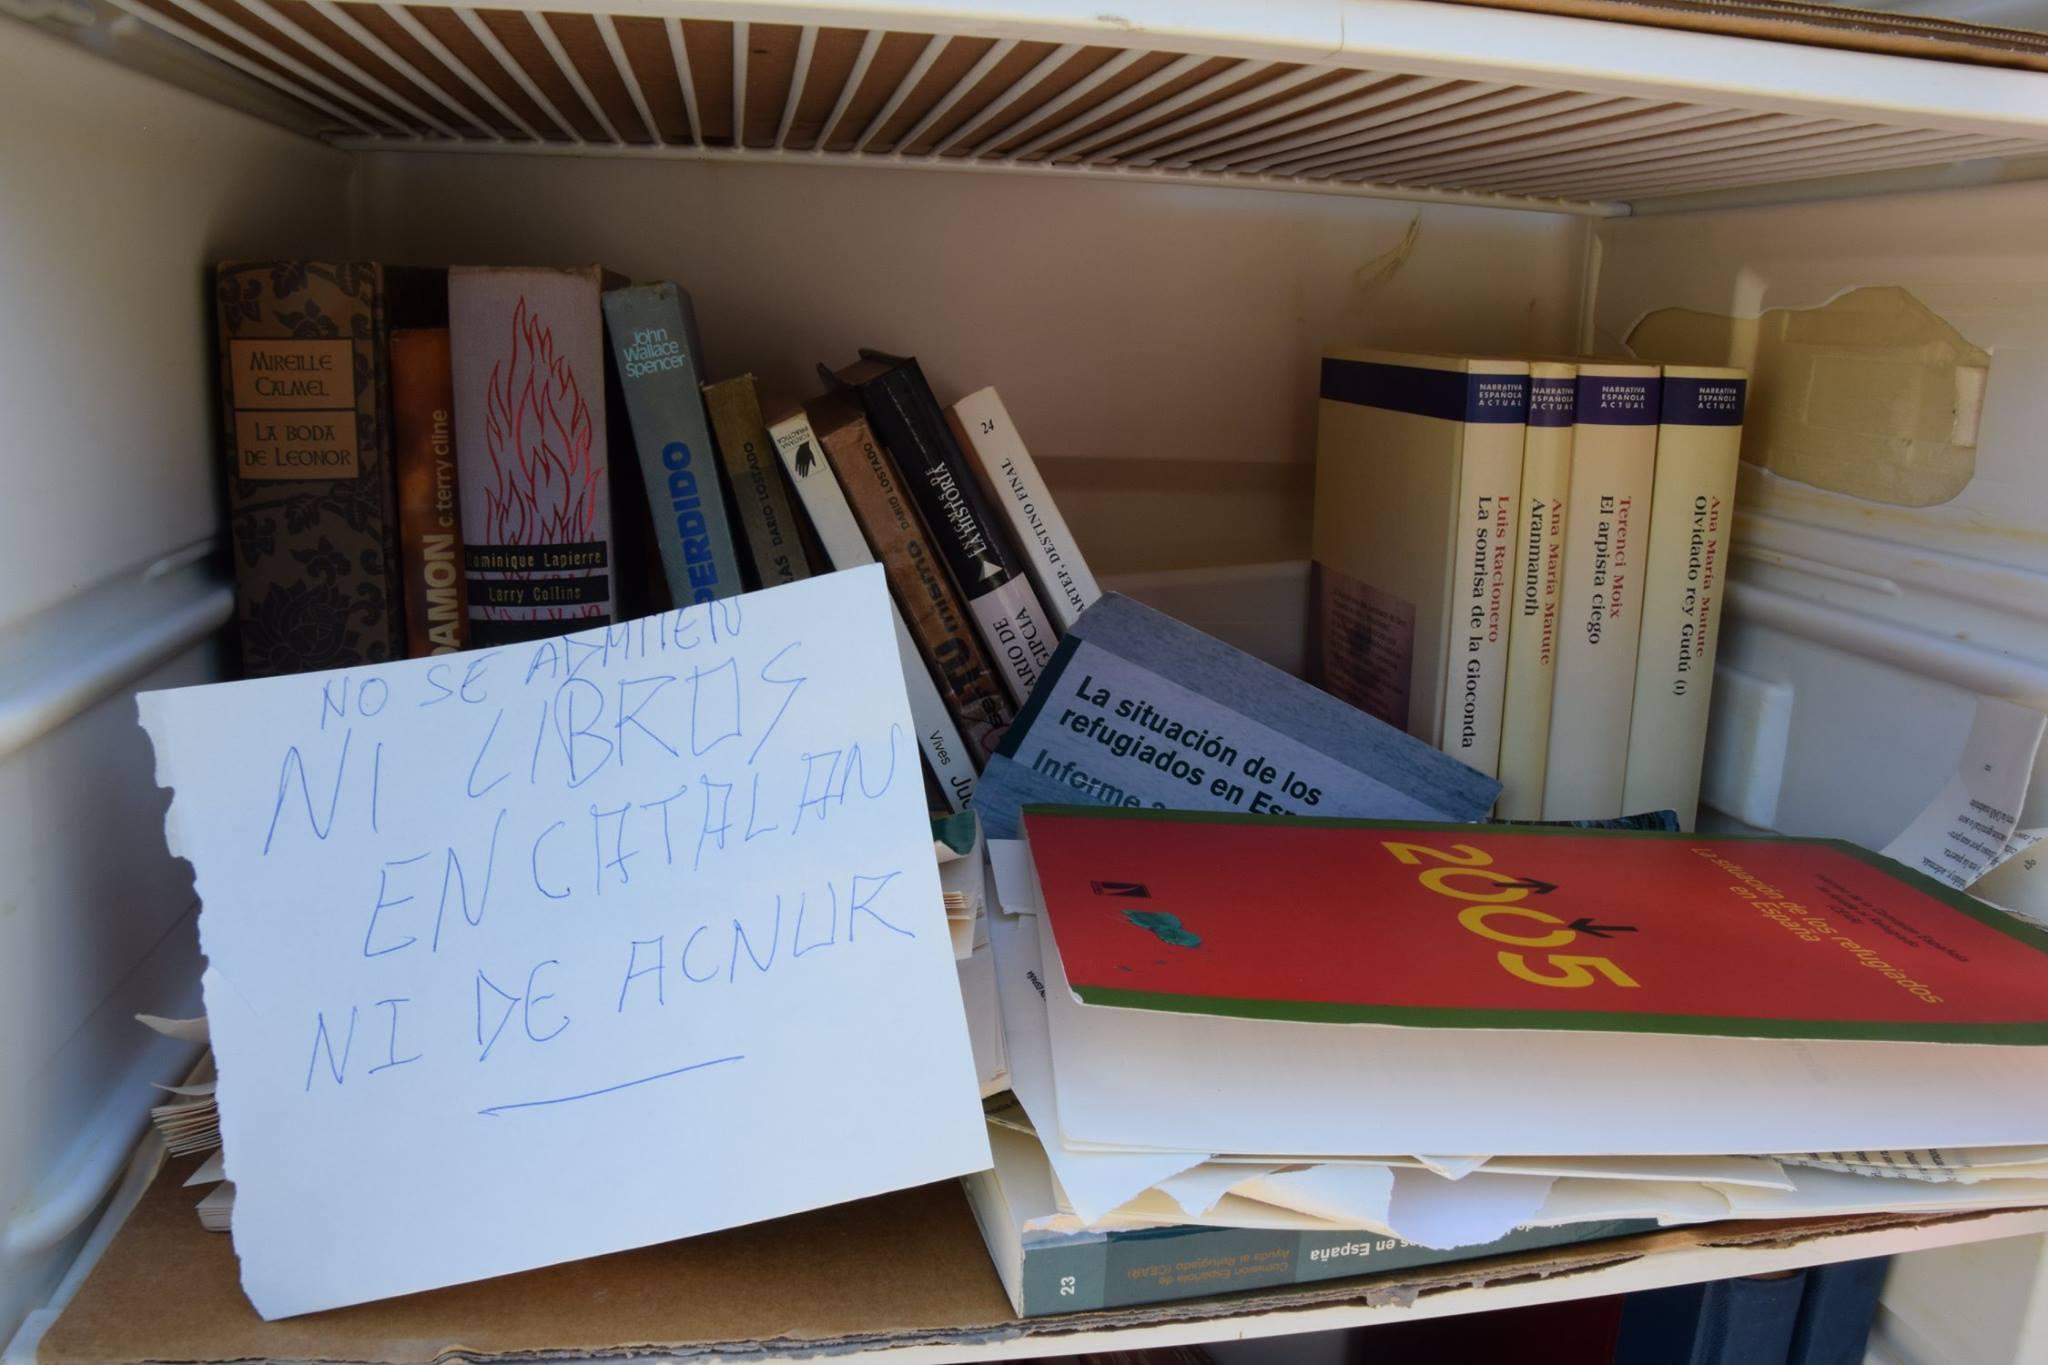 Los libros en catalán